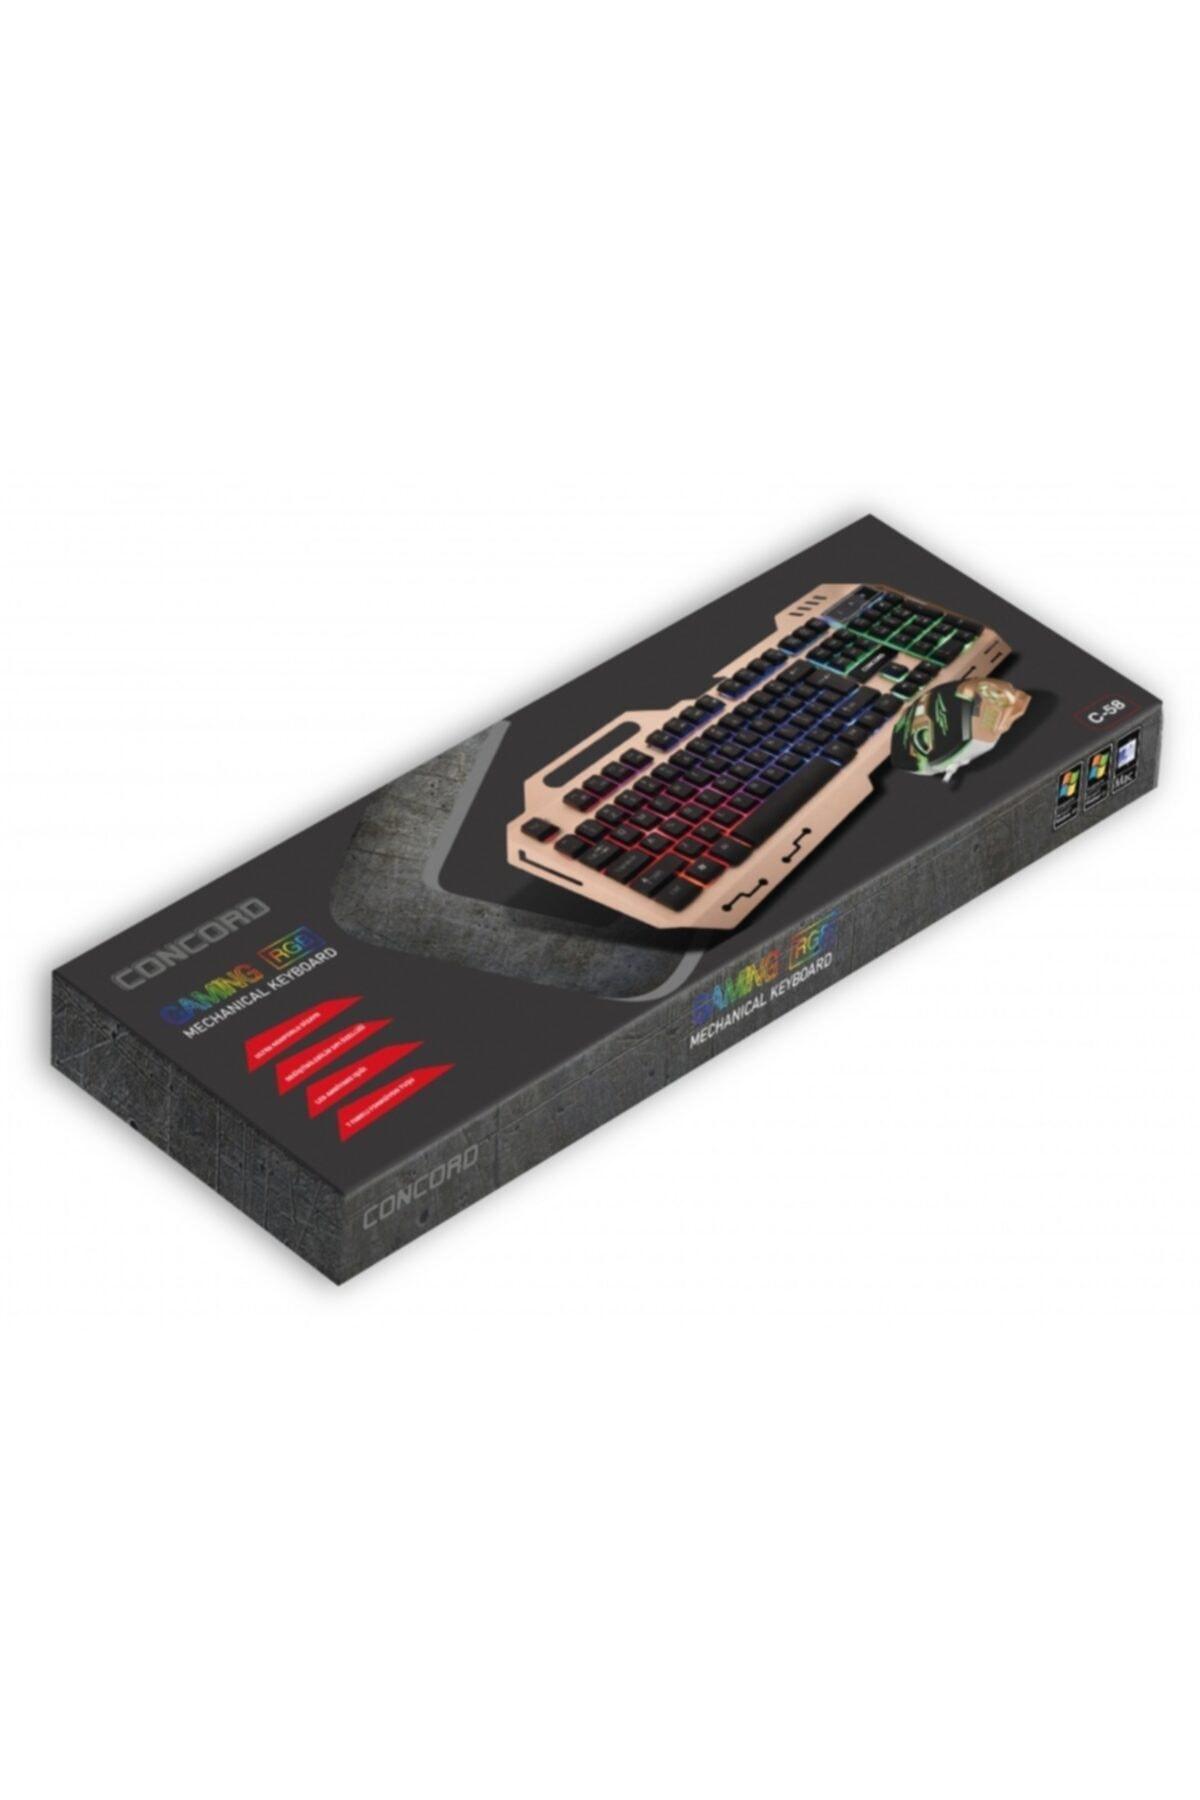 Concord Metal Kasa Oyuncu Klavye Mouse Seti - Gaming Pc Metal Işıklı Klavye Mouse Seti 2